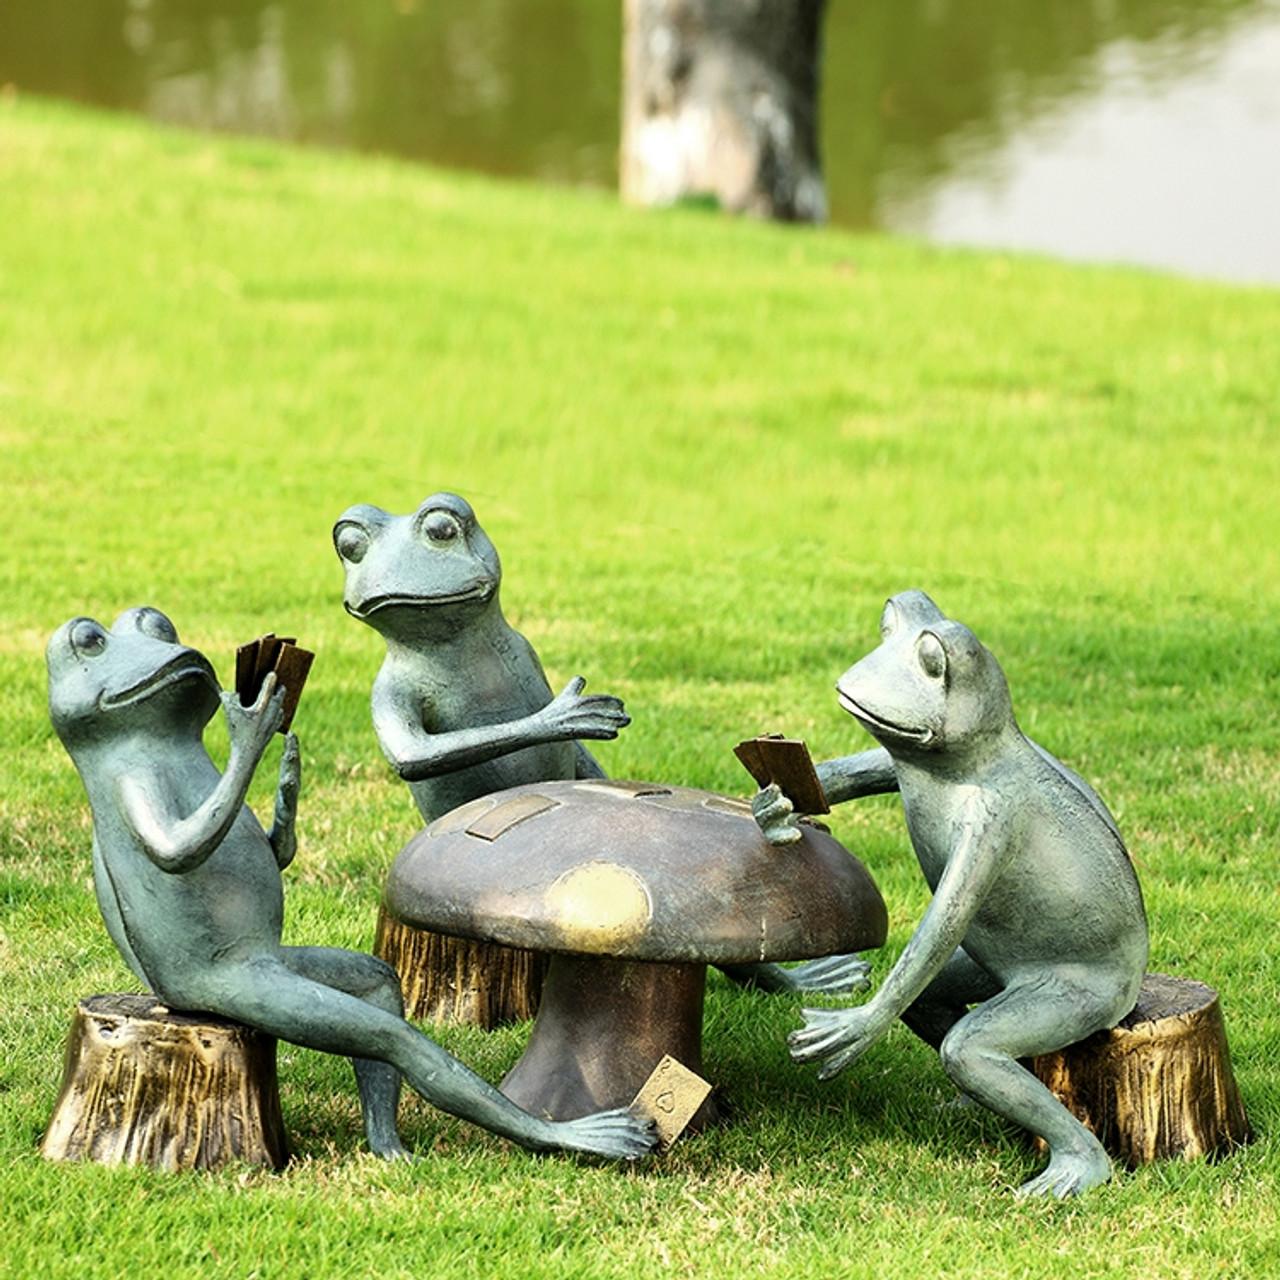 Card Cheat Frogs Garden Sculpture